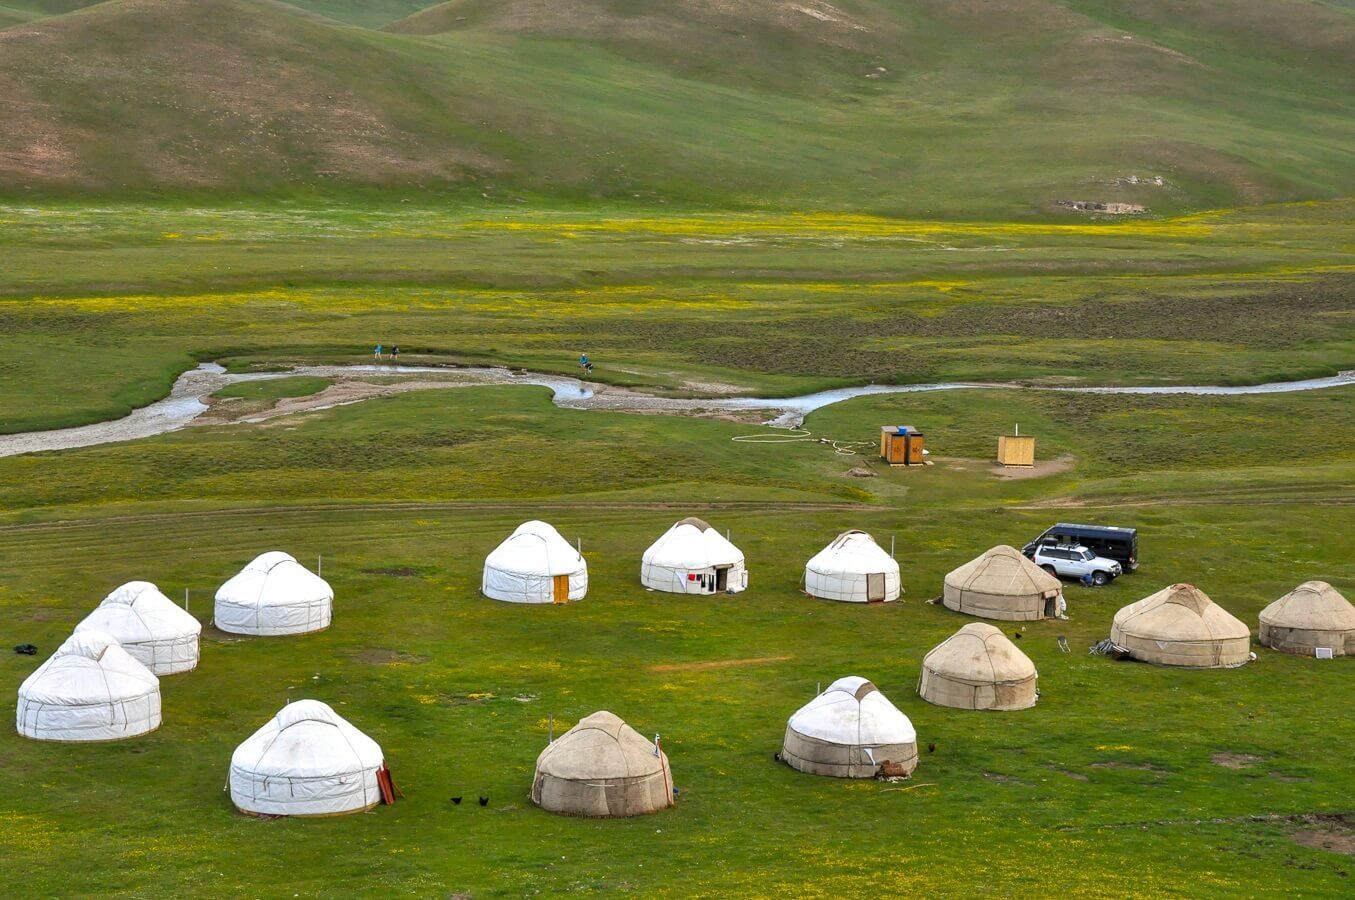 Kyrgyzstan yurt camp in nature